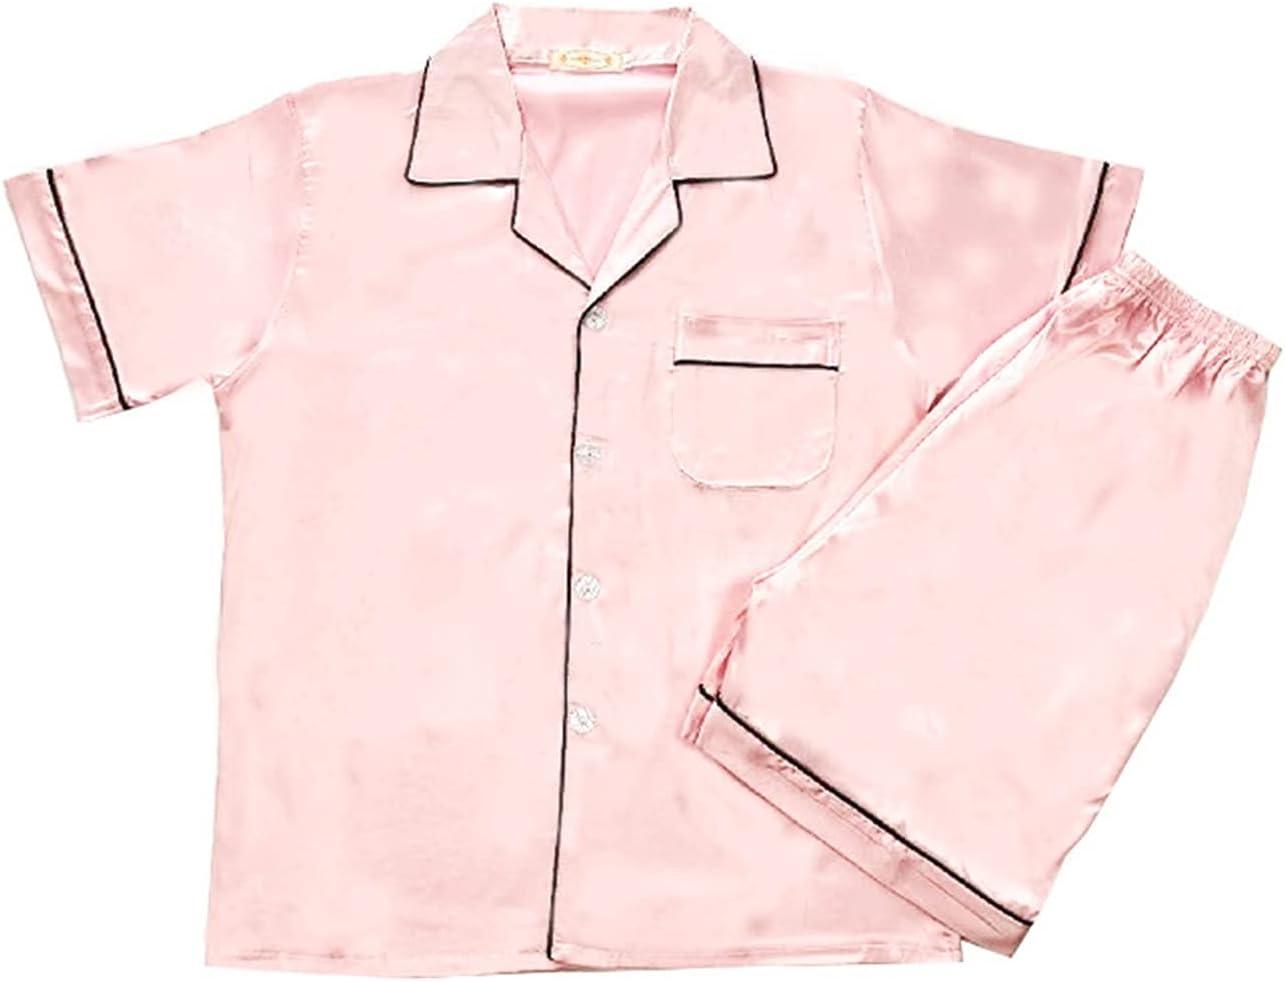 HONGJIU Silk Pajamas for Men,Men's Satin Pajamas Short Button-Down Pj Set Sleepwear Loungewear (Color : Pink, Size : Large)